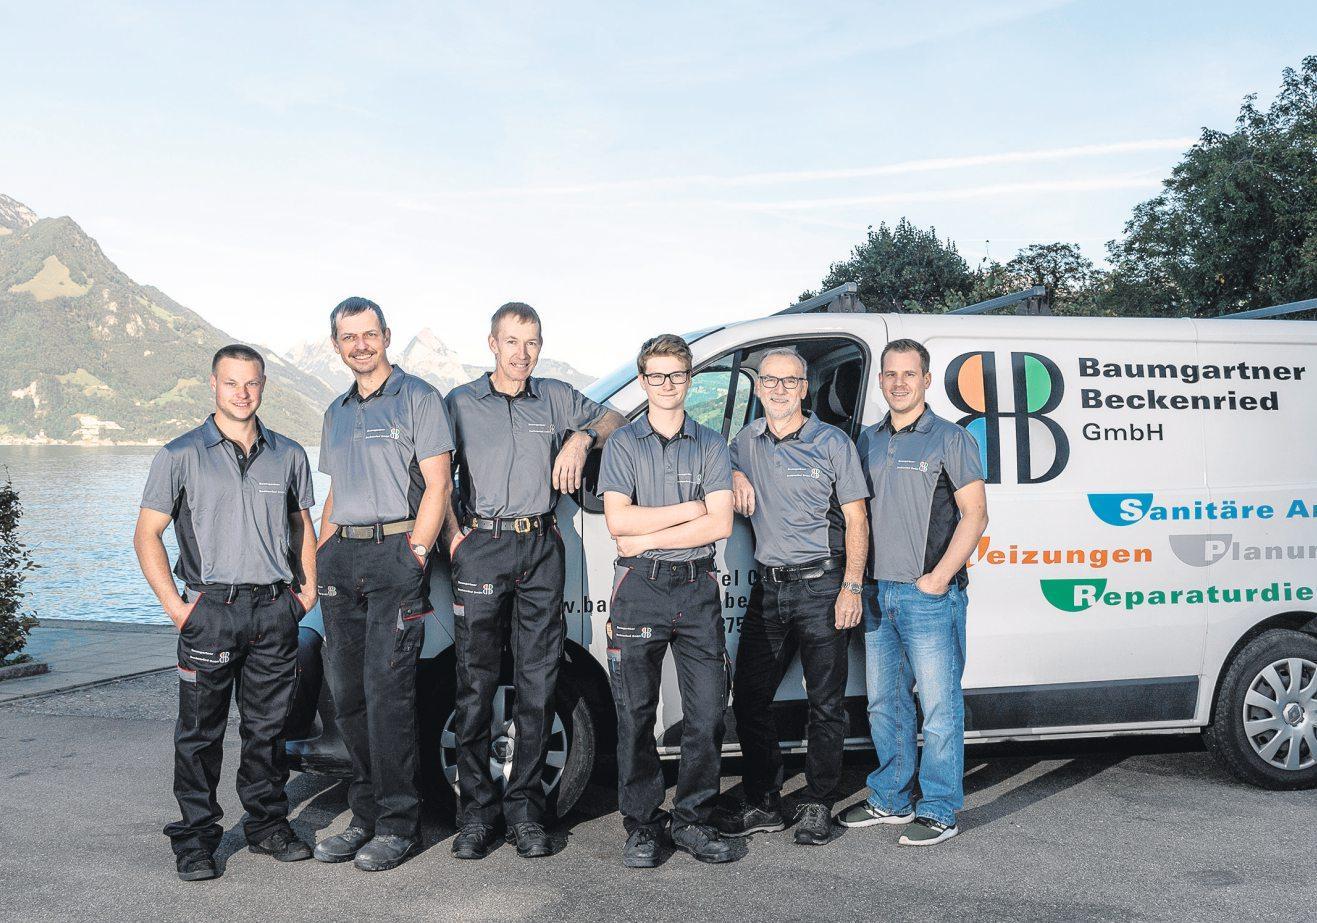 Von links nach rechts: Andreas Gander, Markus Gander, Anton Gander, Andrin Doniat, Viktor Baumgartner, Beat Baumgartner STEFANIE MURER FOTO UND MAKEUP